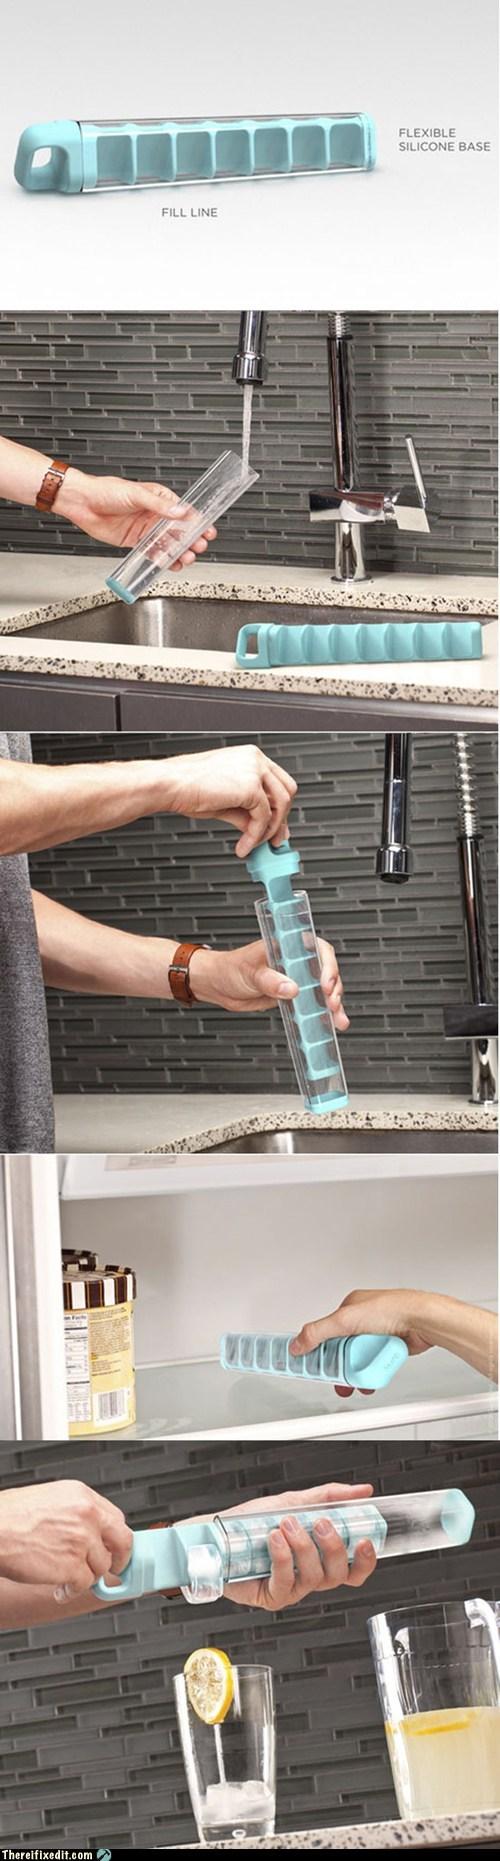 ice cube ice cube tray ice tray tifi win - 6516762880